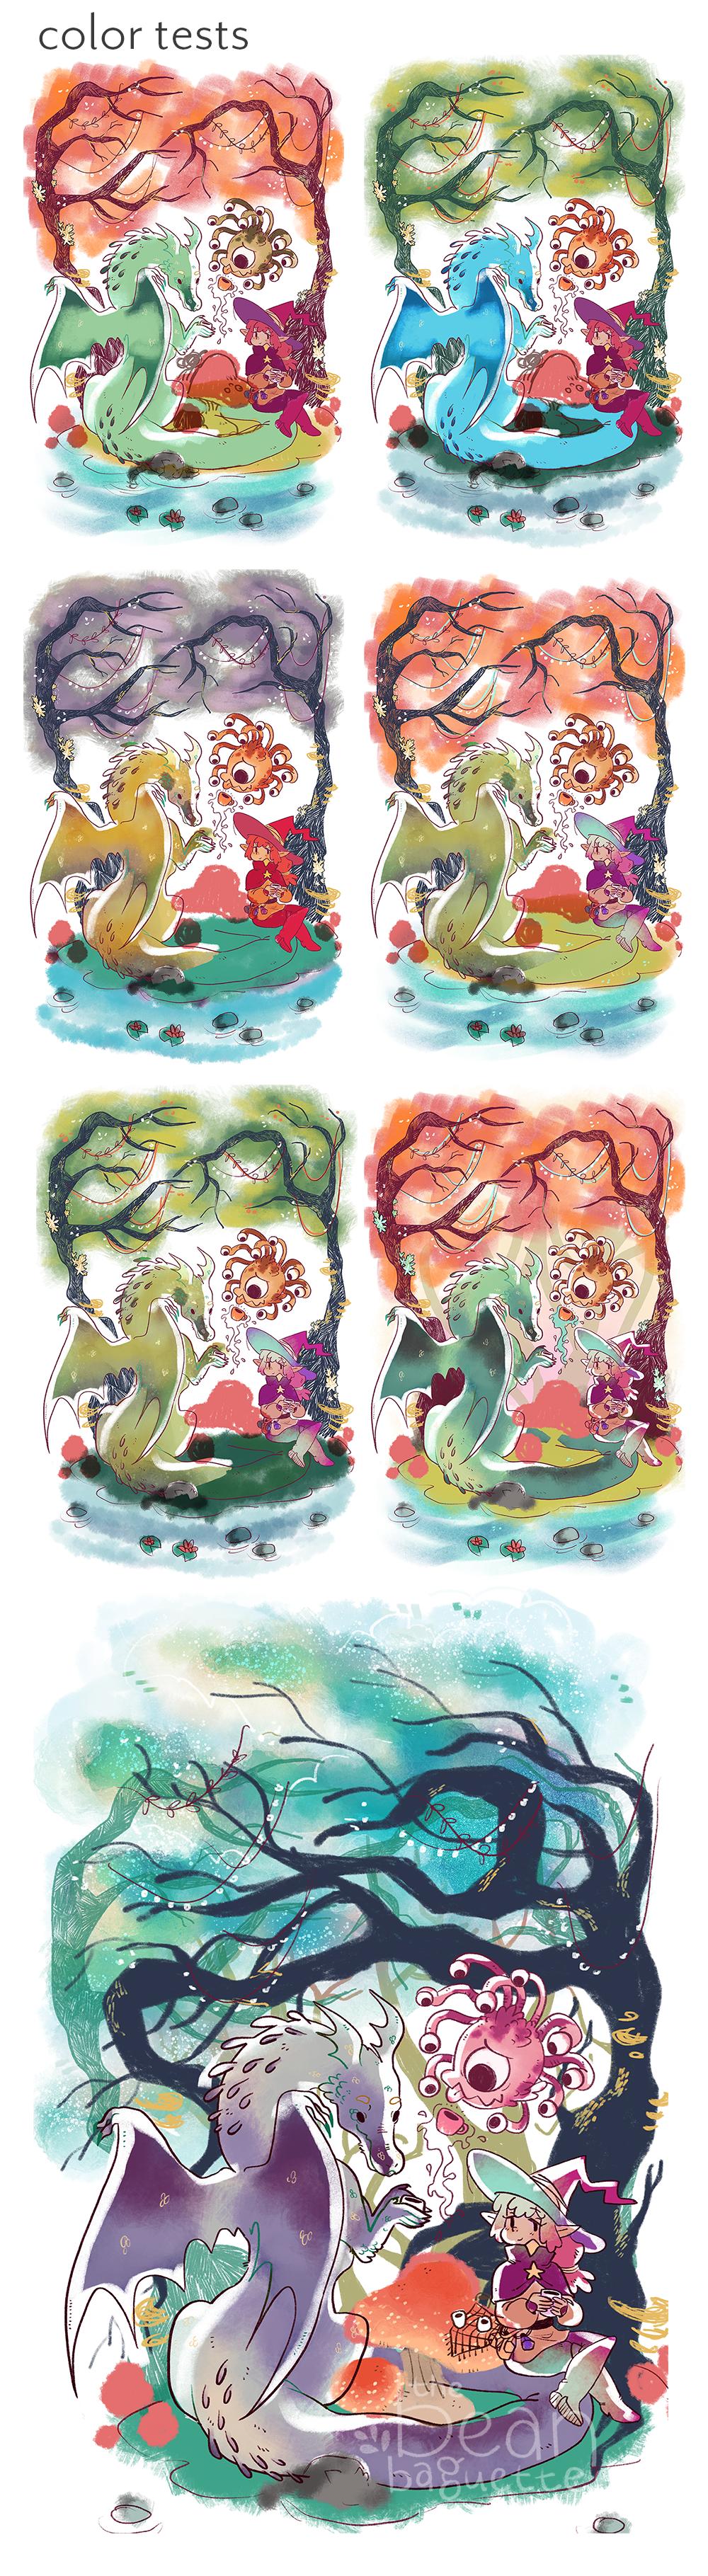 sketchbook update 4-4-2018--color palettes.png